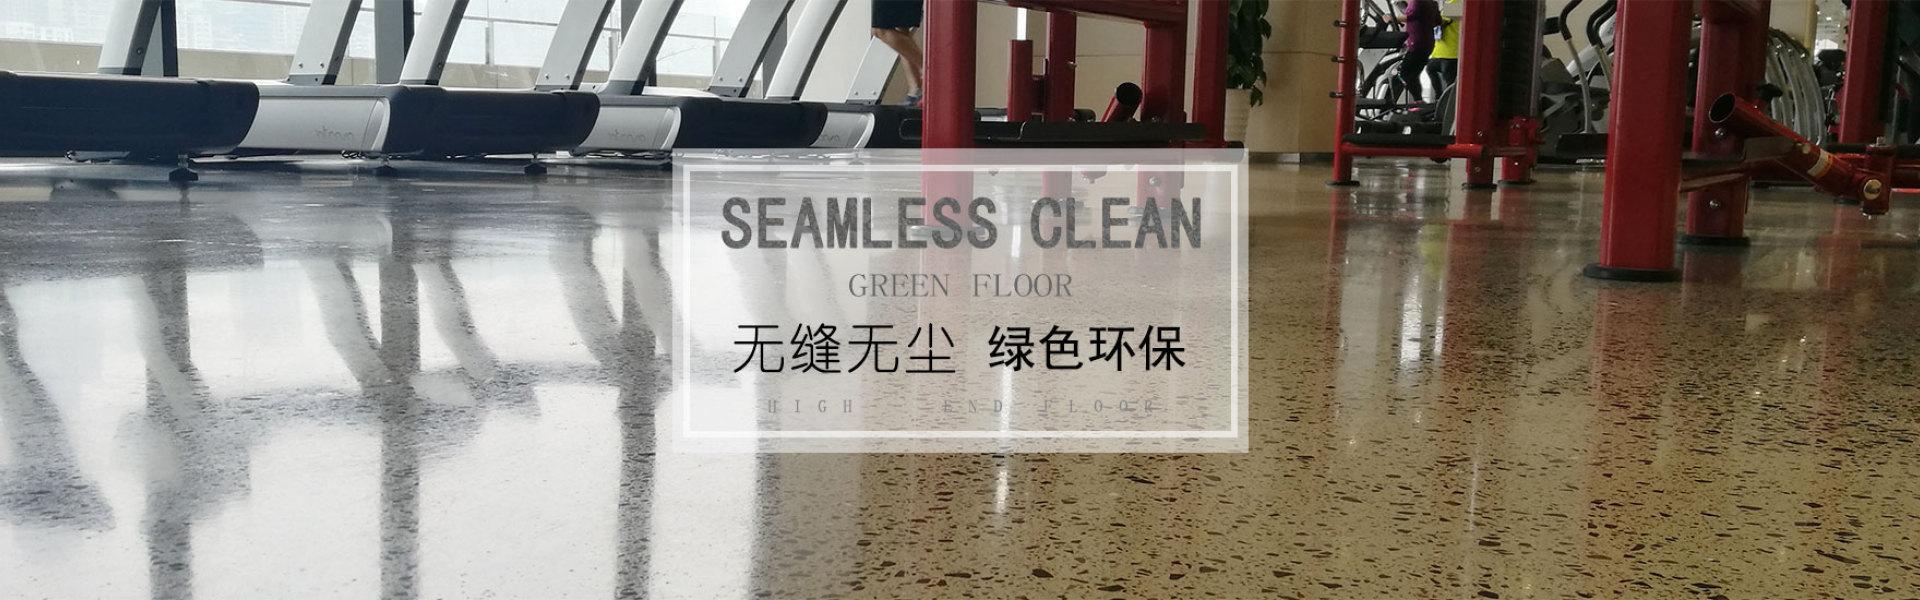 无缝无尘、绿色环保